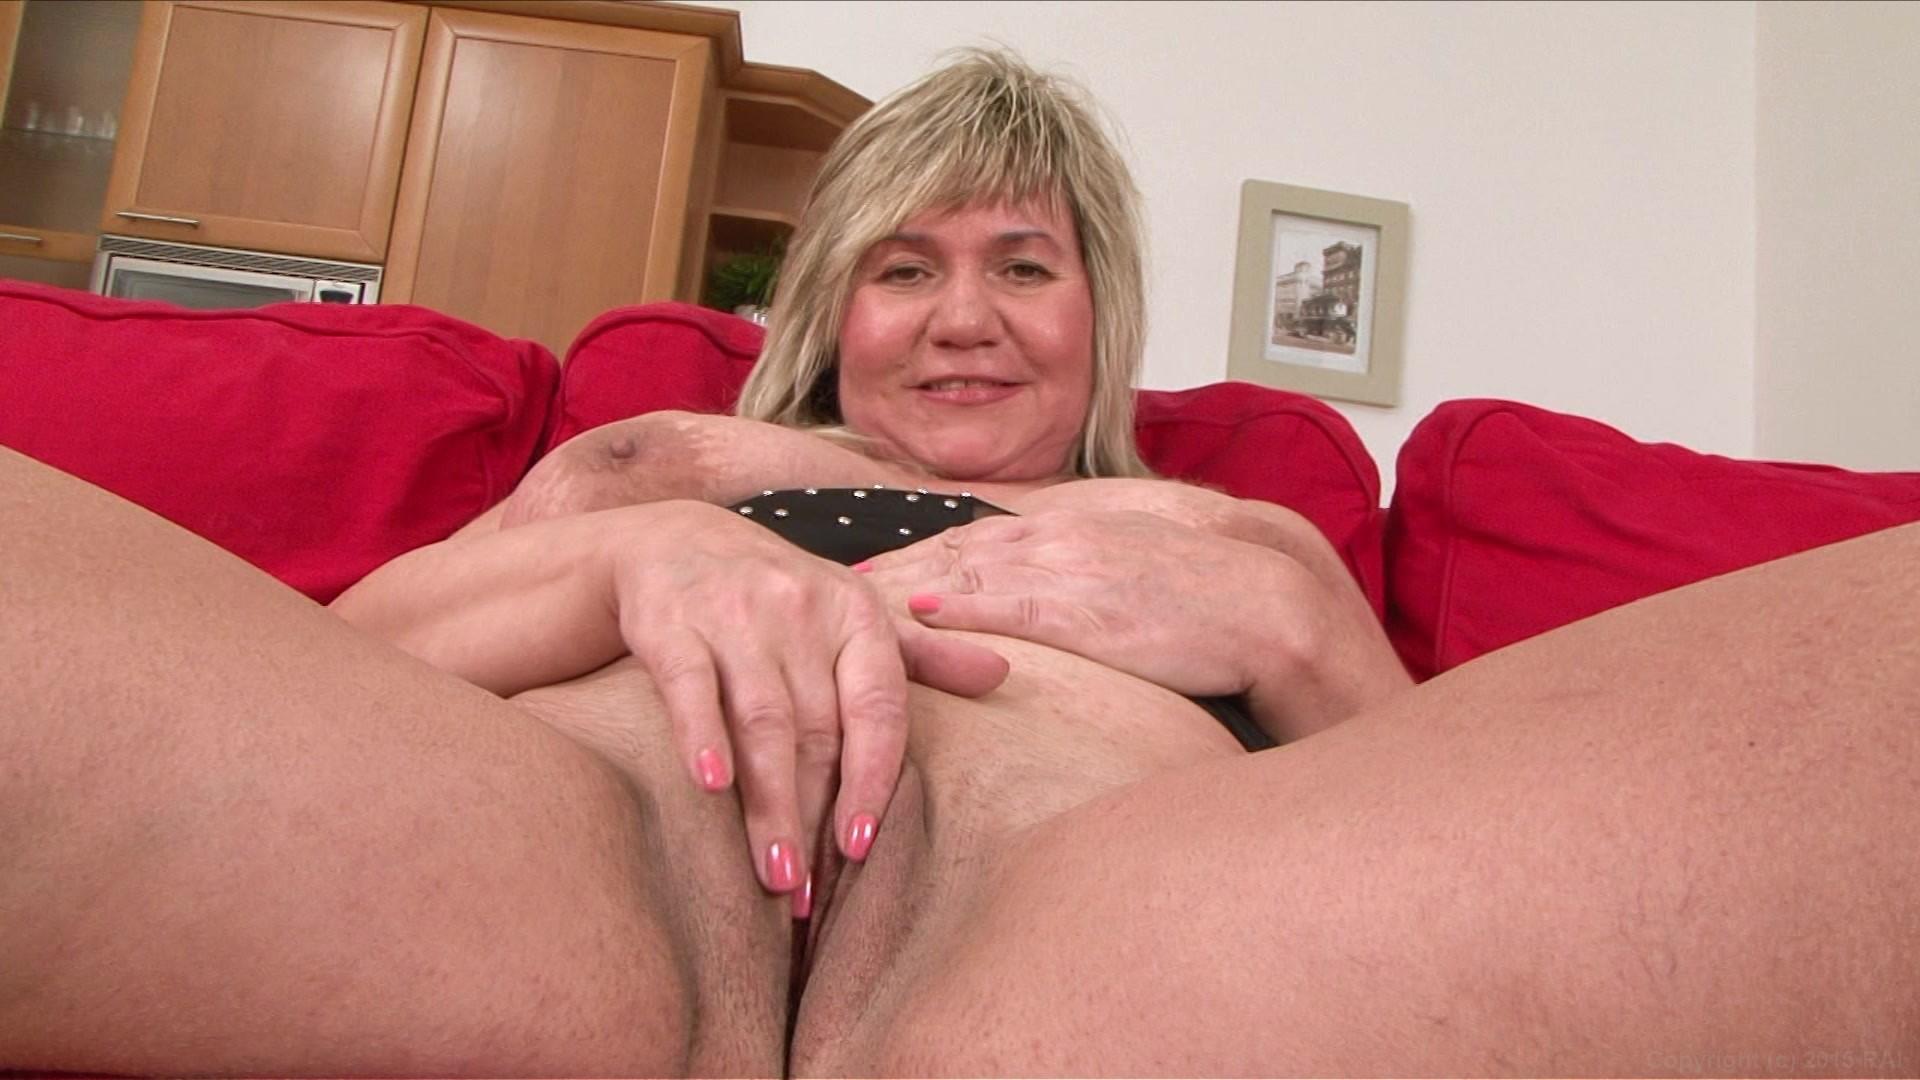 Joyful moment radiant mature blonde lady stock photo